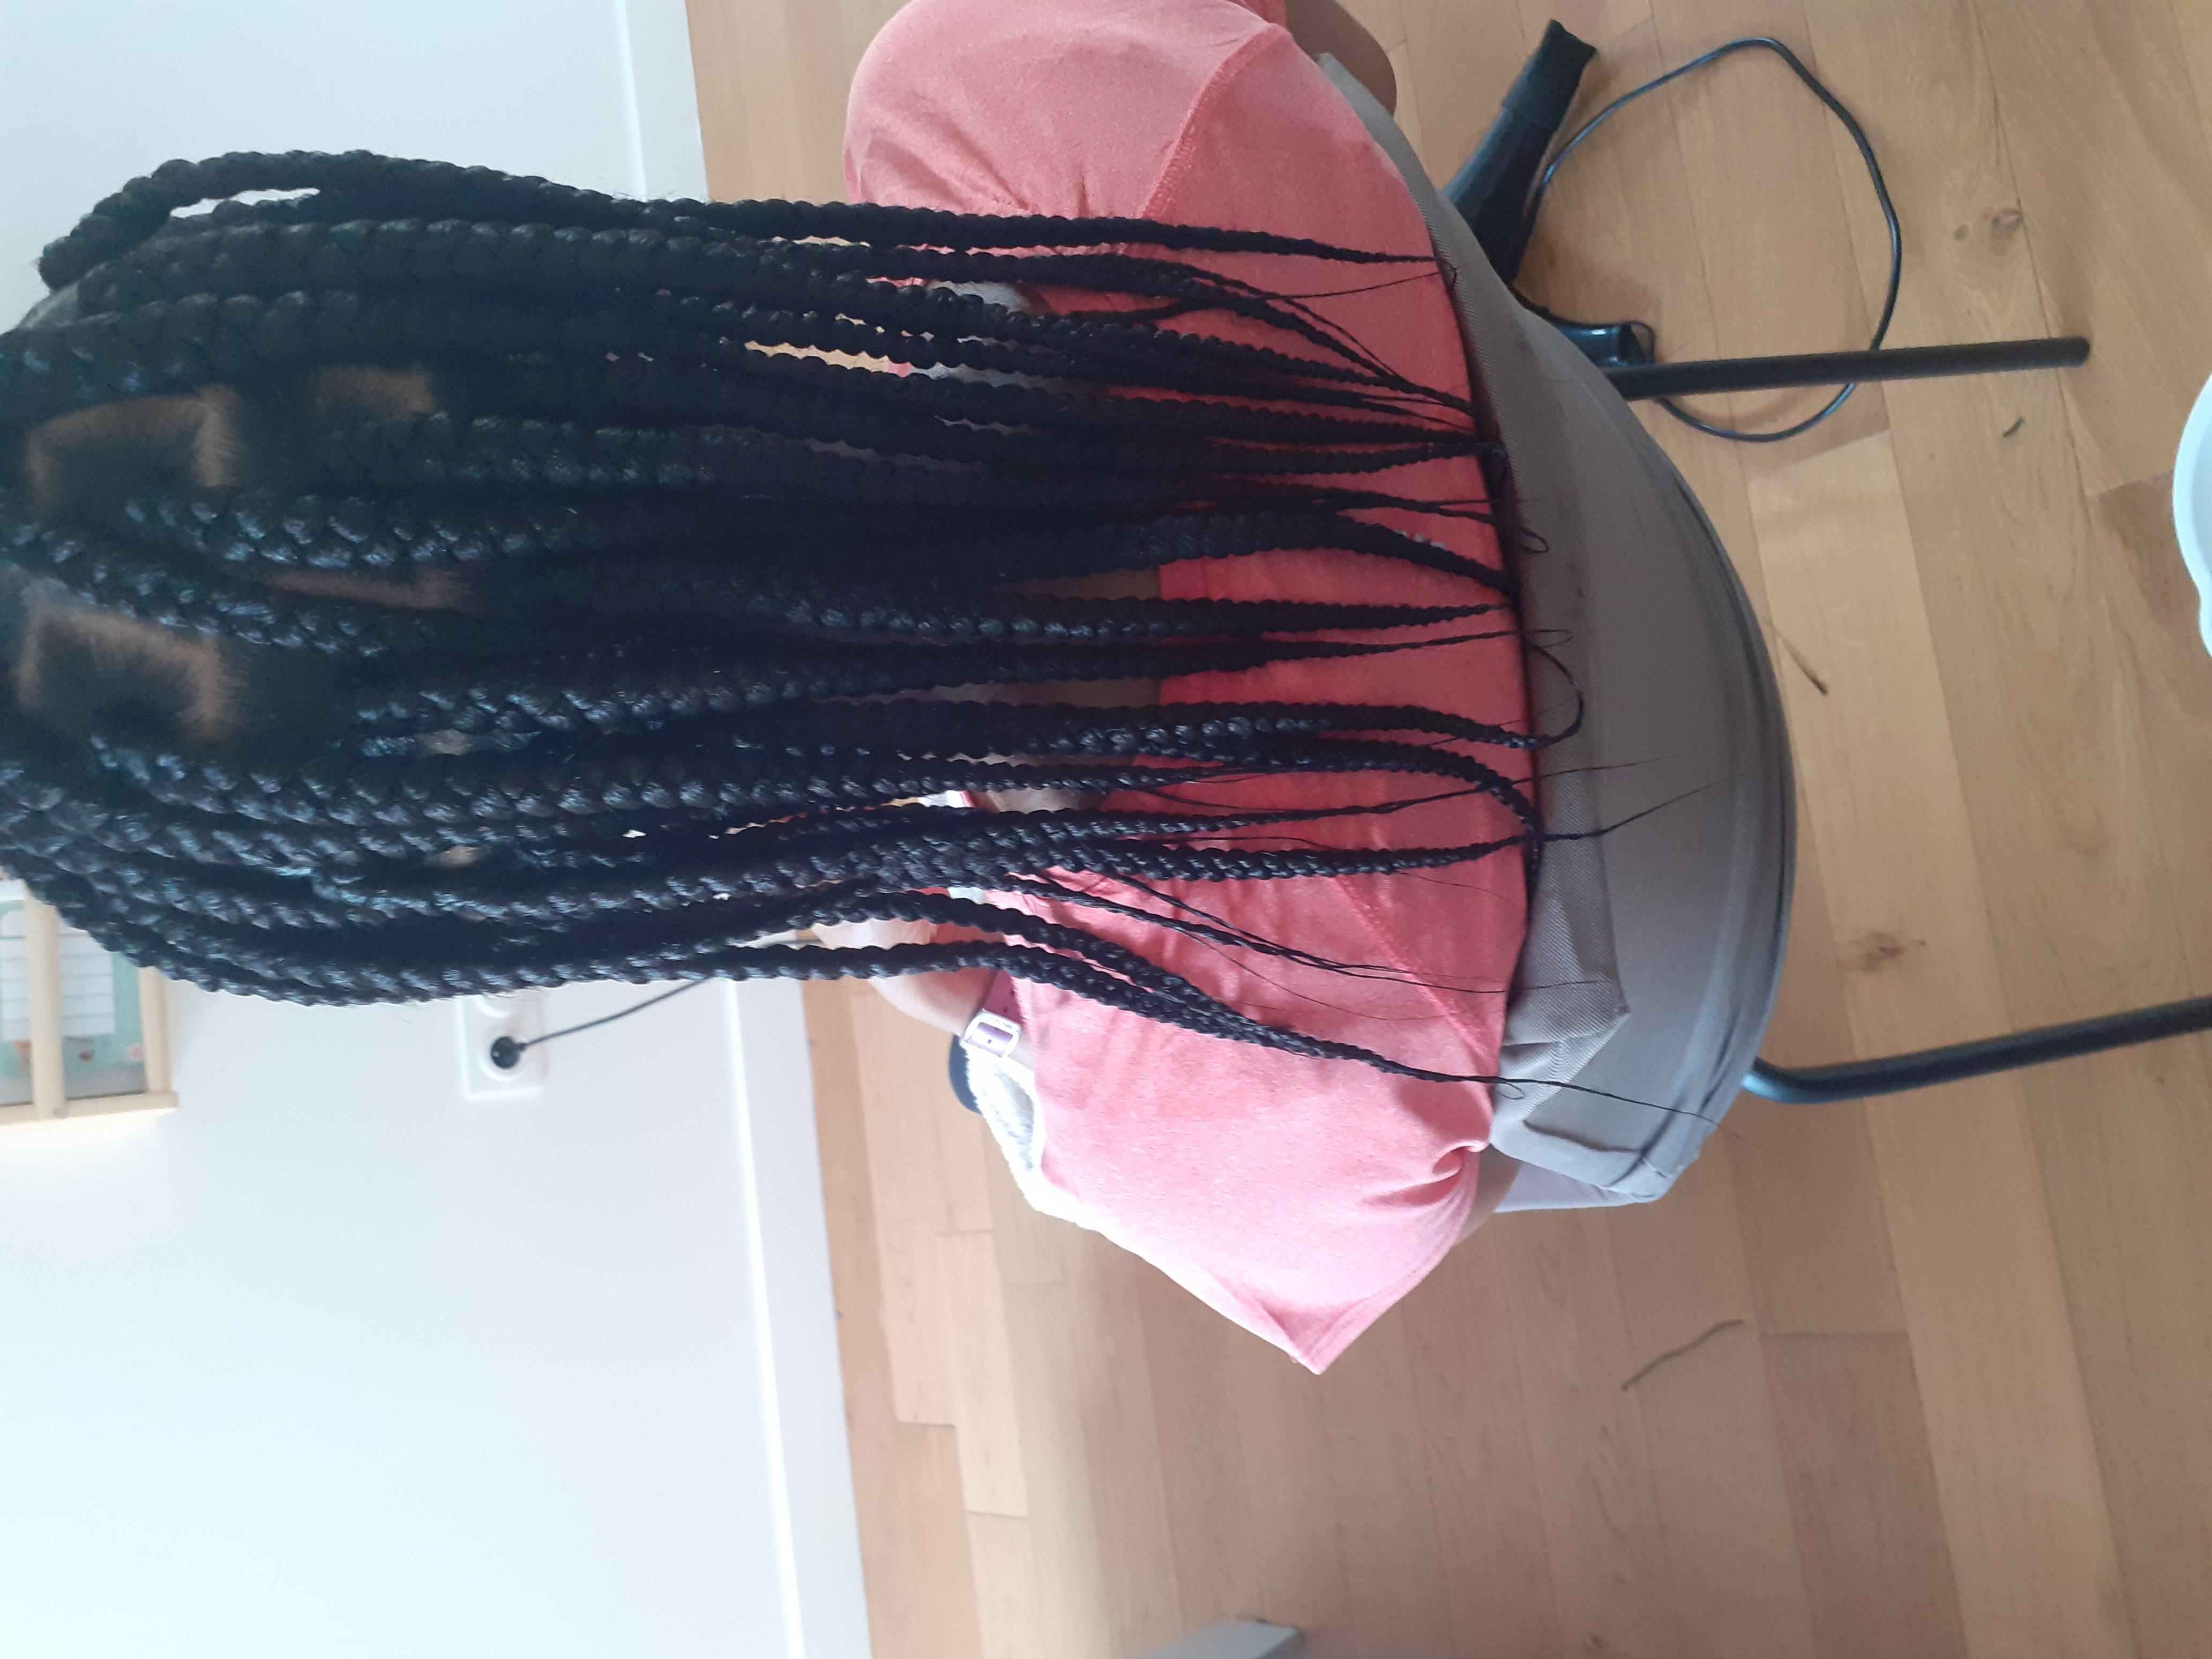 salon de coiffure afro tresse tresses box braids crochet braids vanilles tissages paris 75 77 78 91 92 93 94 95 ZXVJXMWC